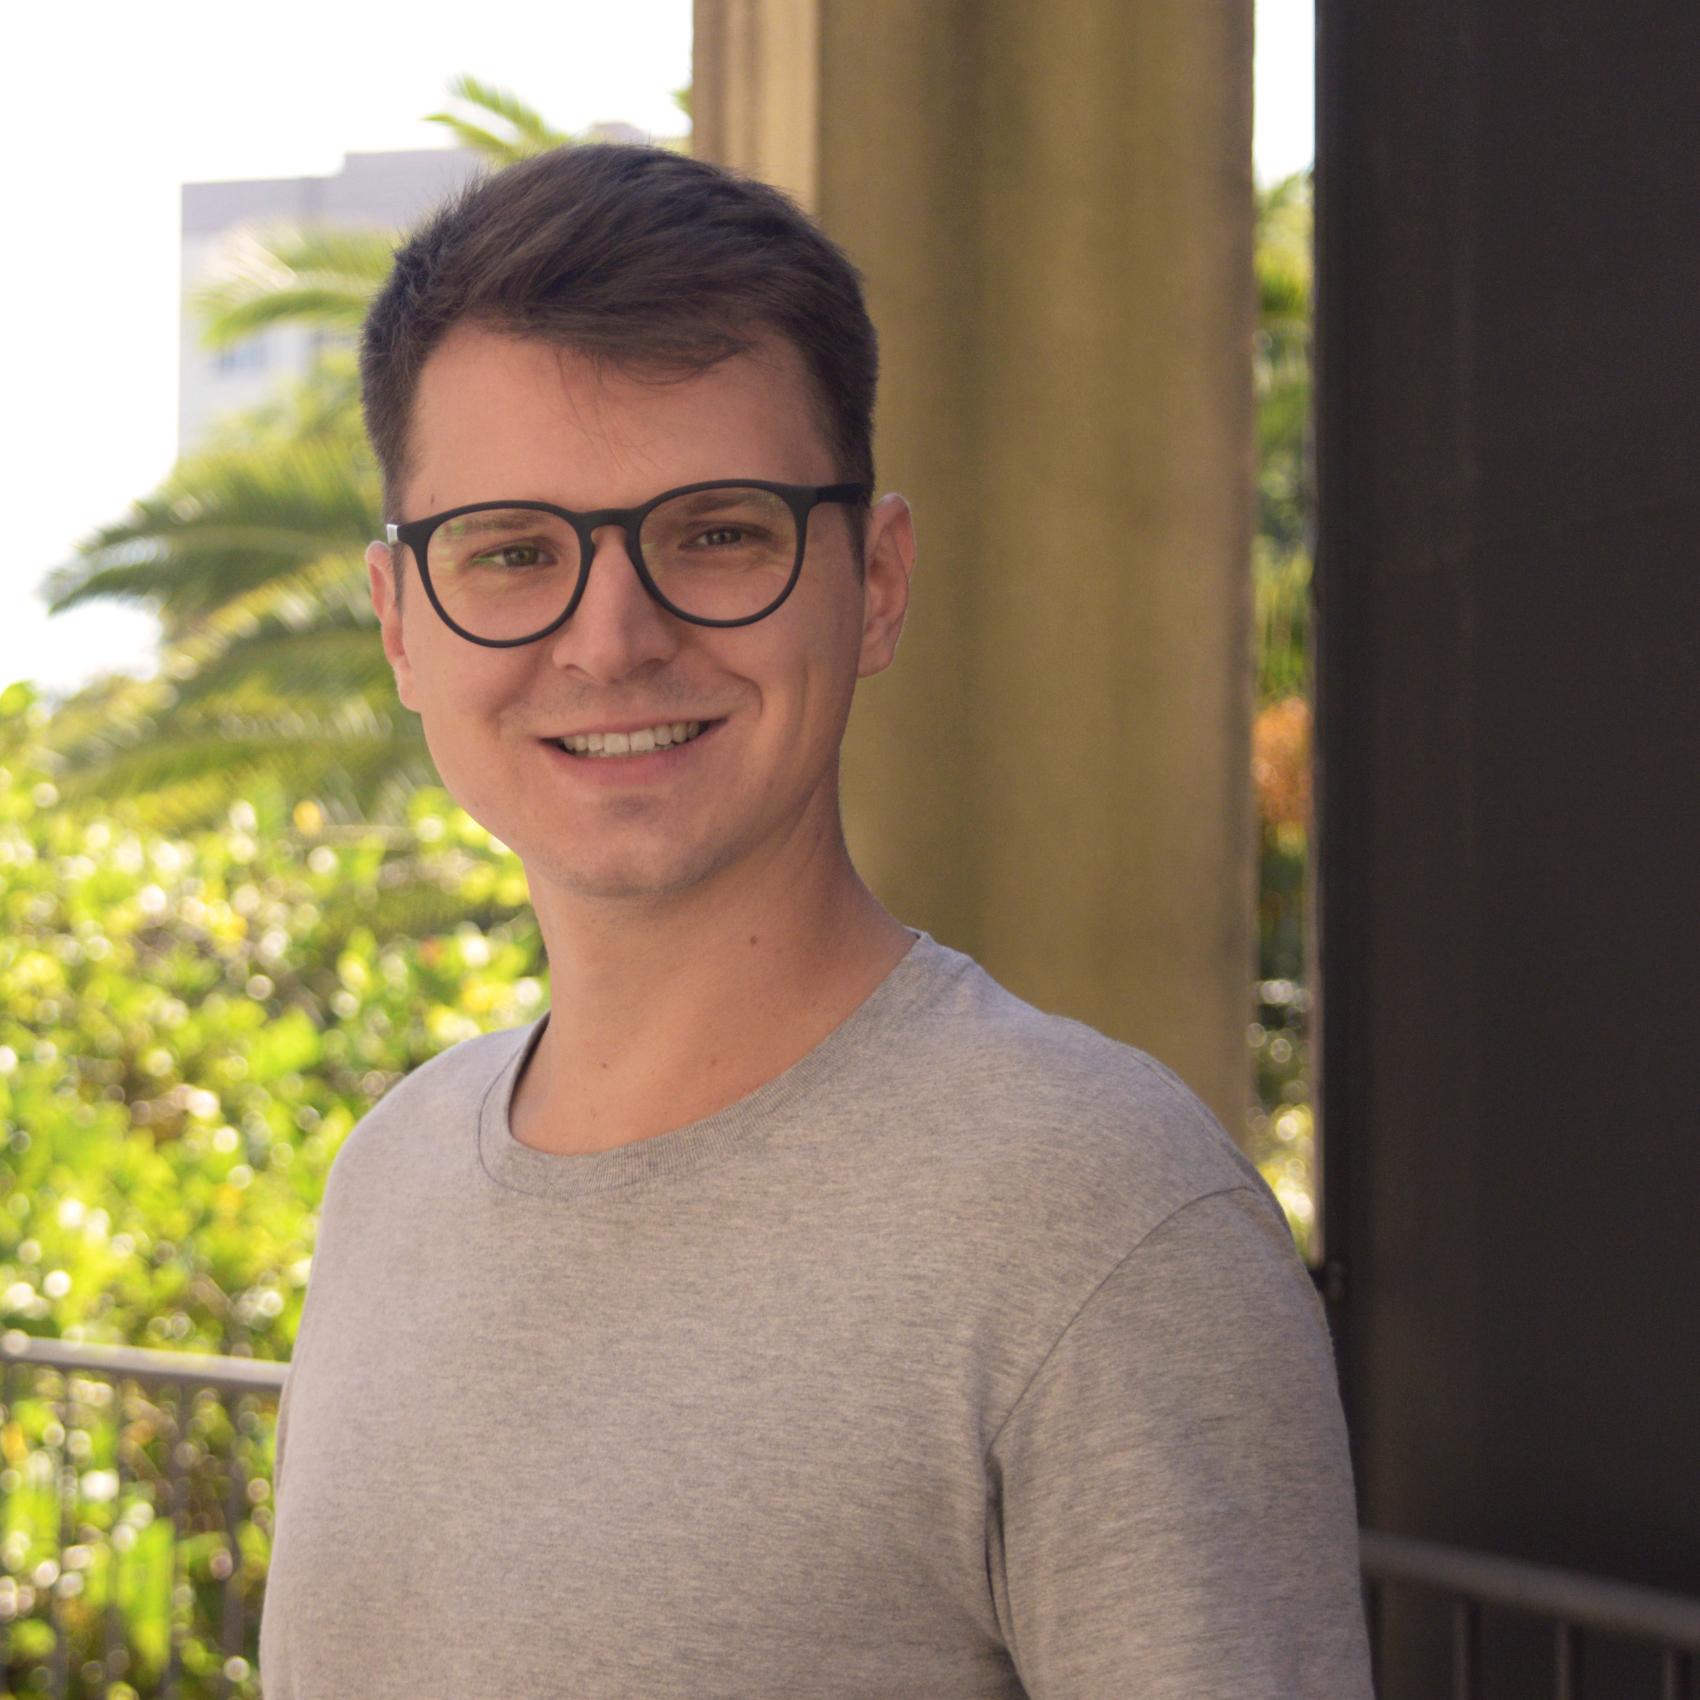 Foto do de perfil professor Renan